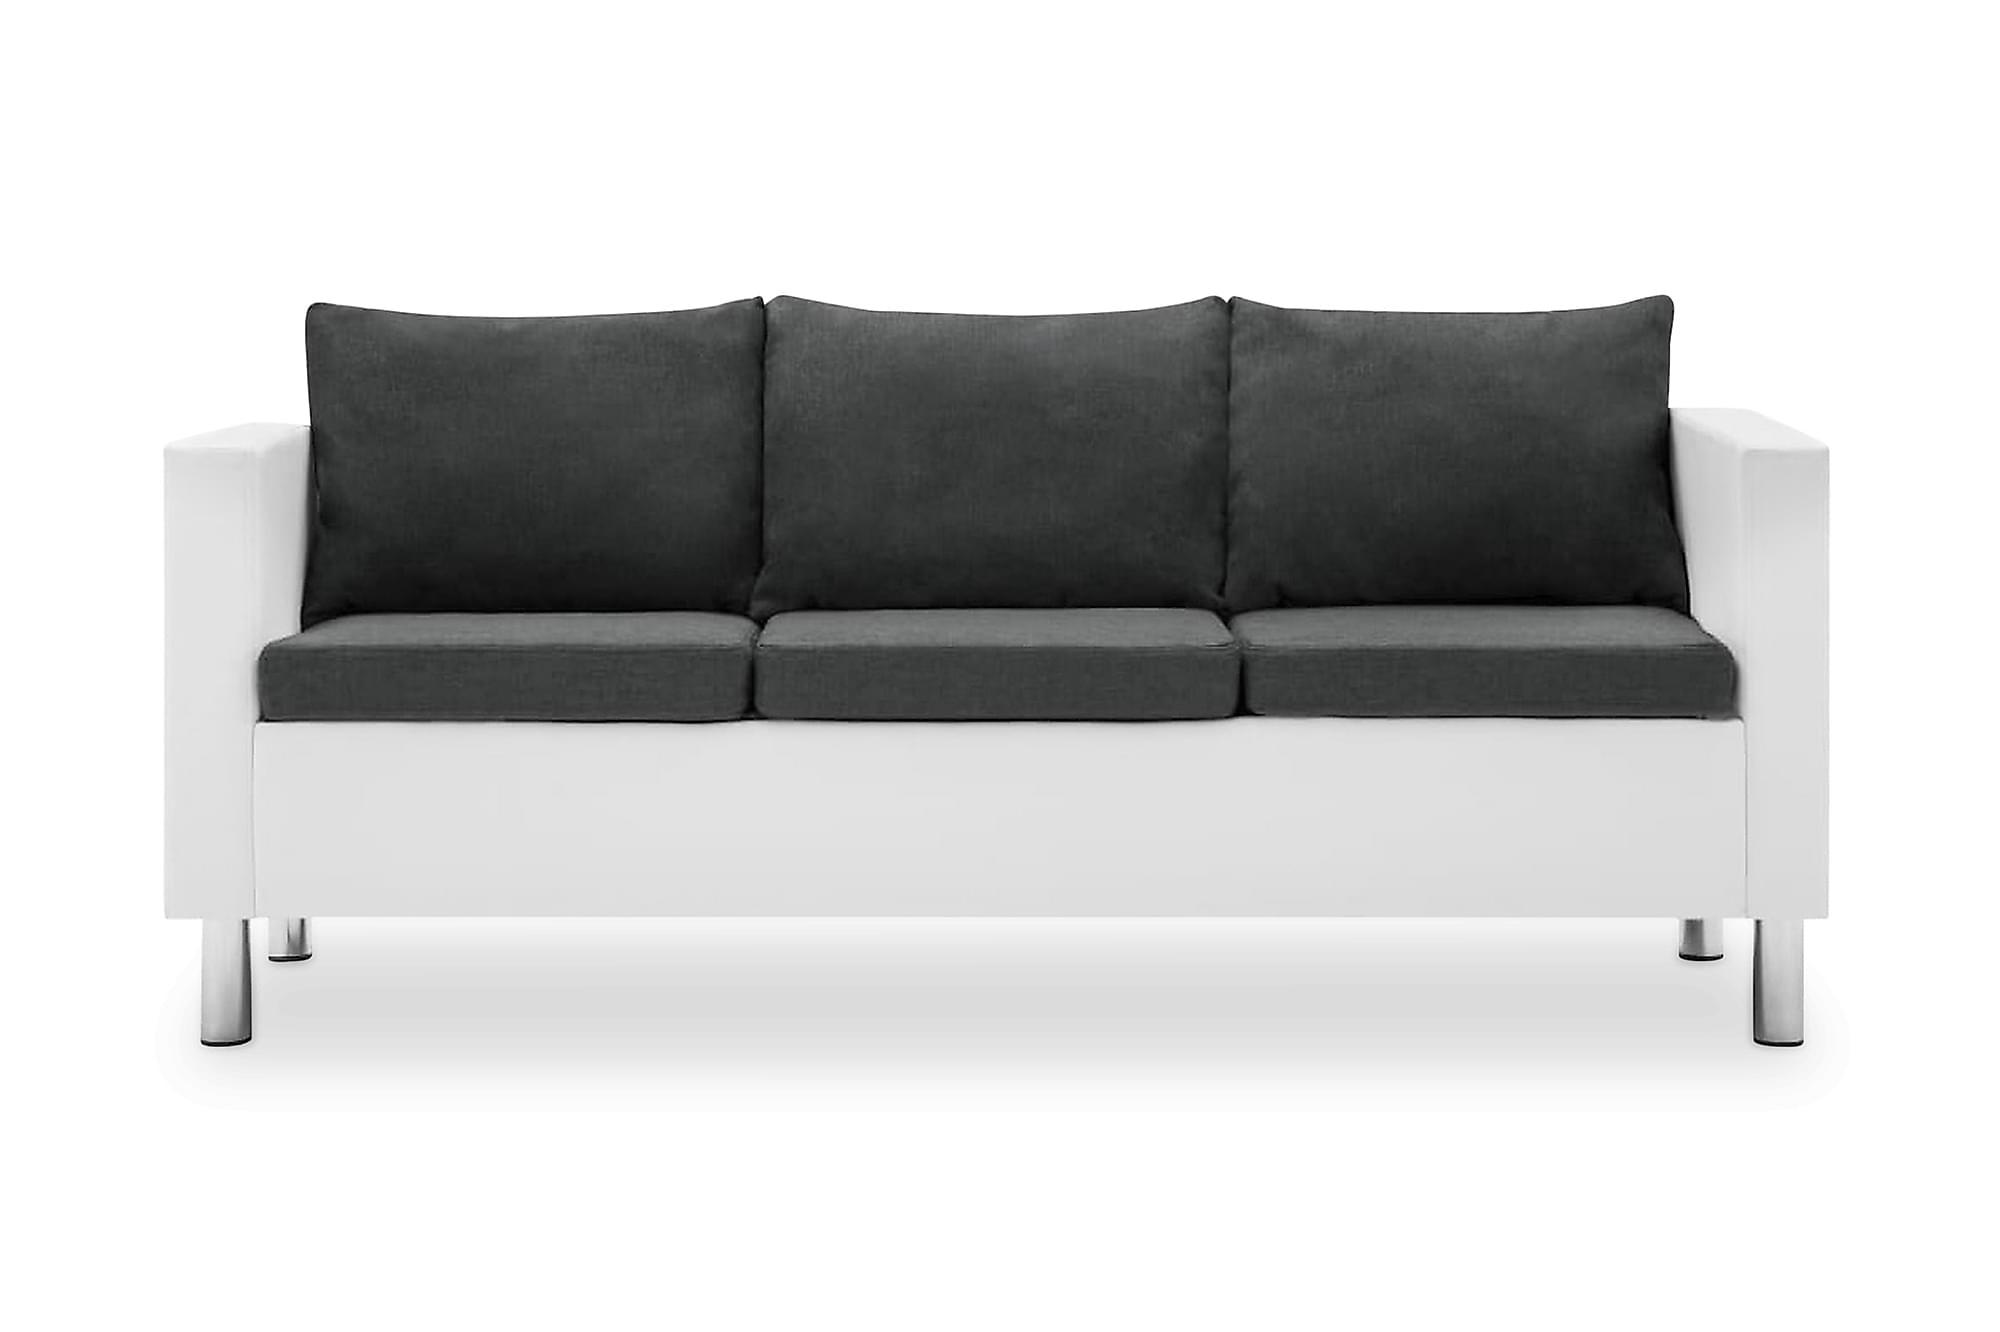 3-sitssoffa i konstläder vit och mörkgrå, 3-sits soffor